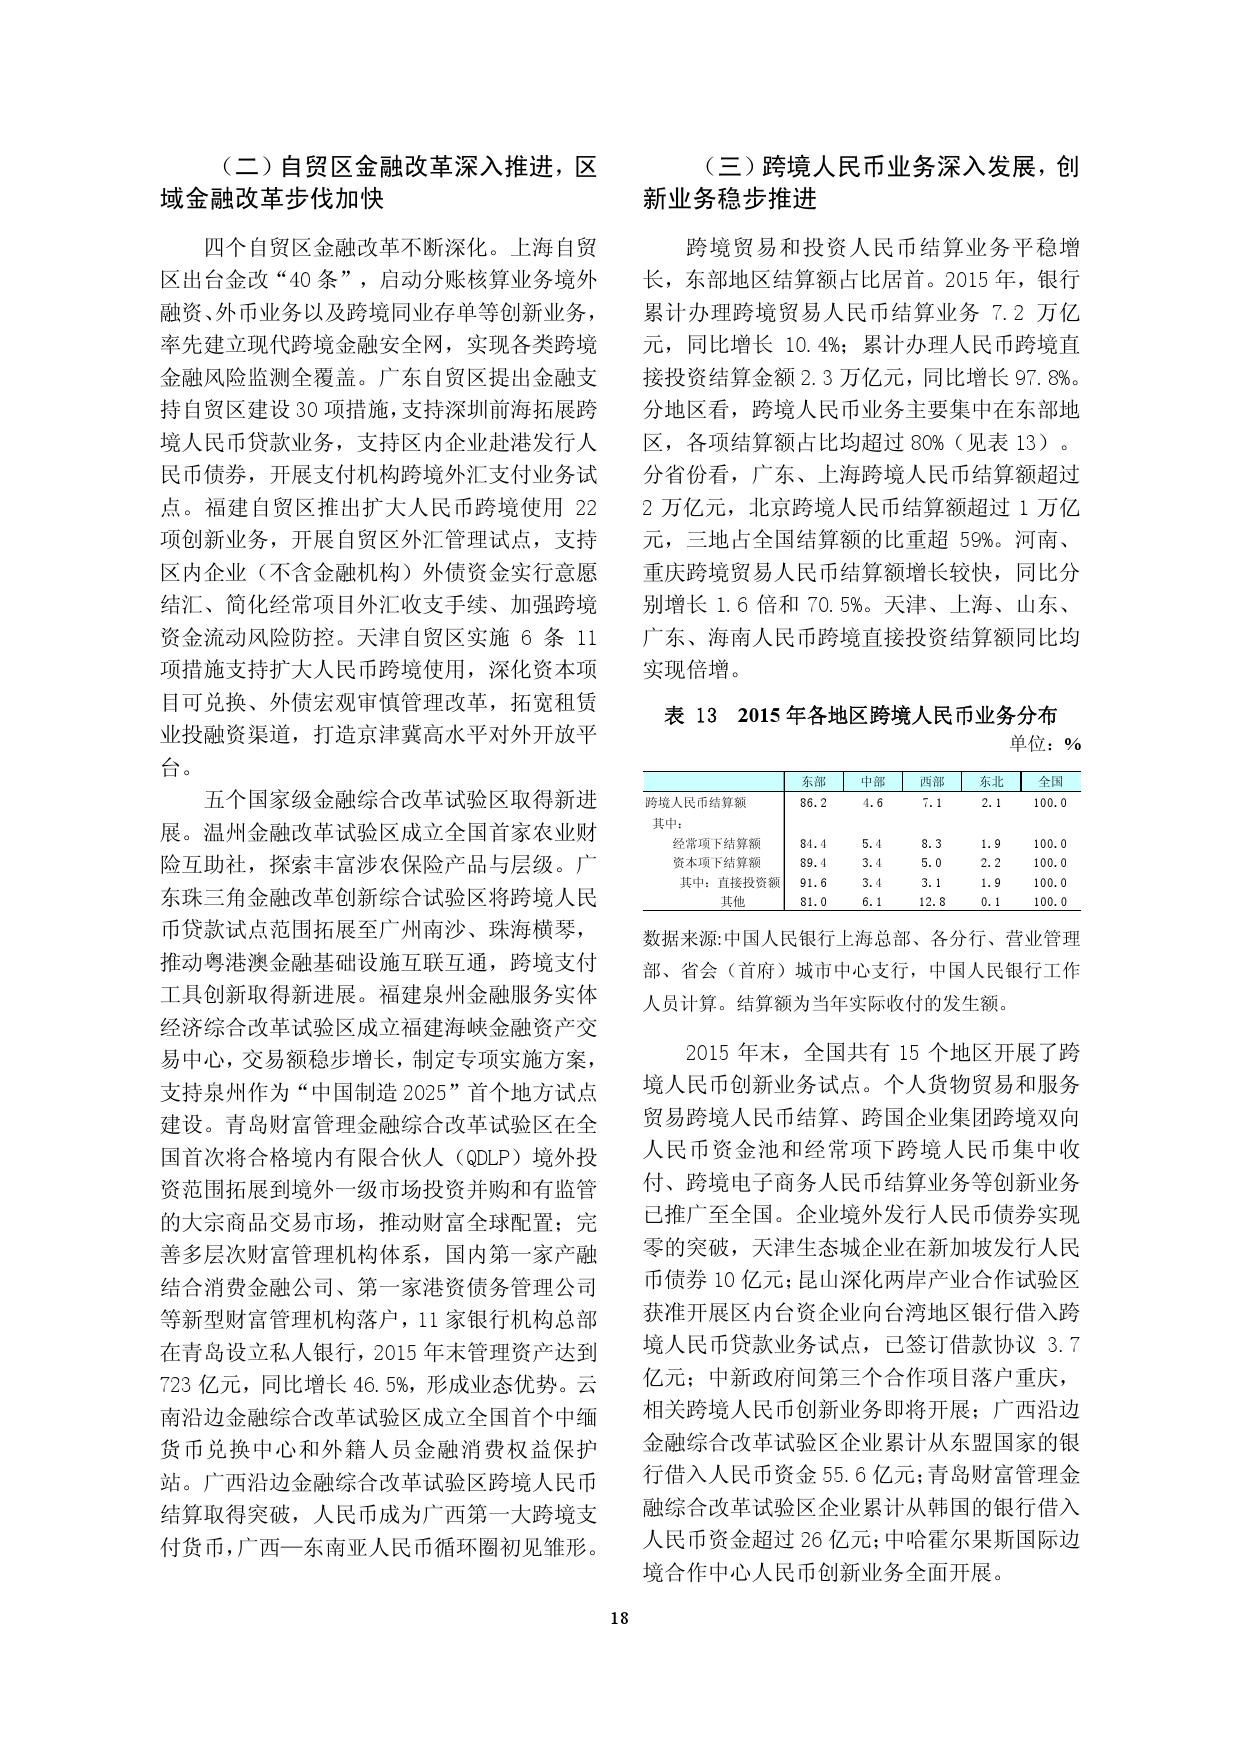 2015年中国区域金融运行报告_000021